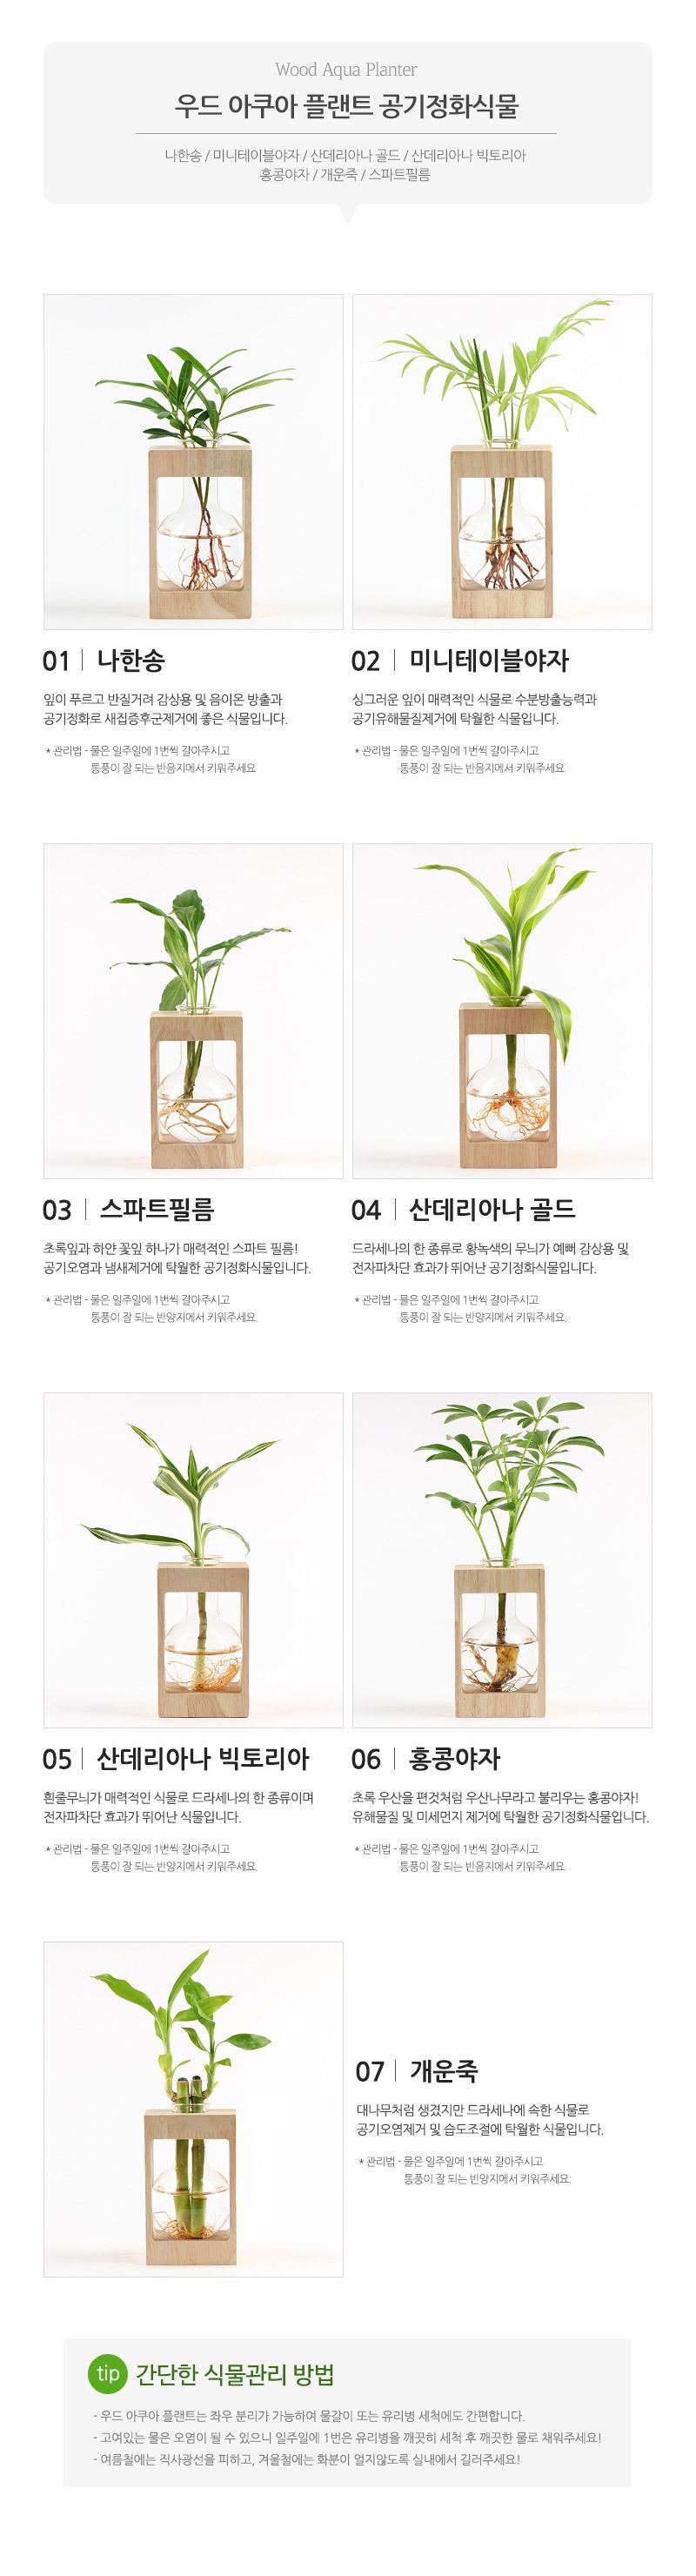 우드 아쿠아 플랜트 M - 꿈쟁이플라워캔, 15,000원, 허브/다육/선인장, 수경식물/에어플란트